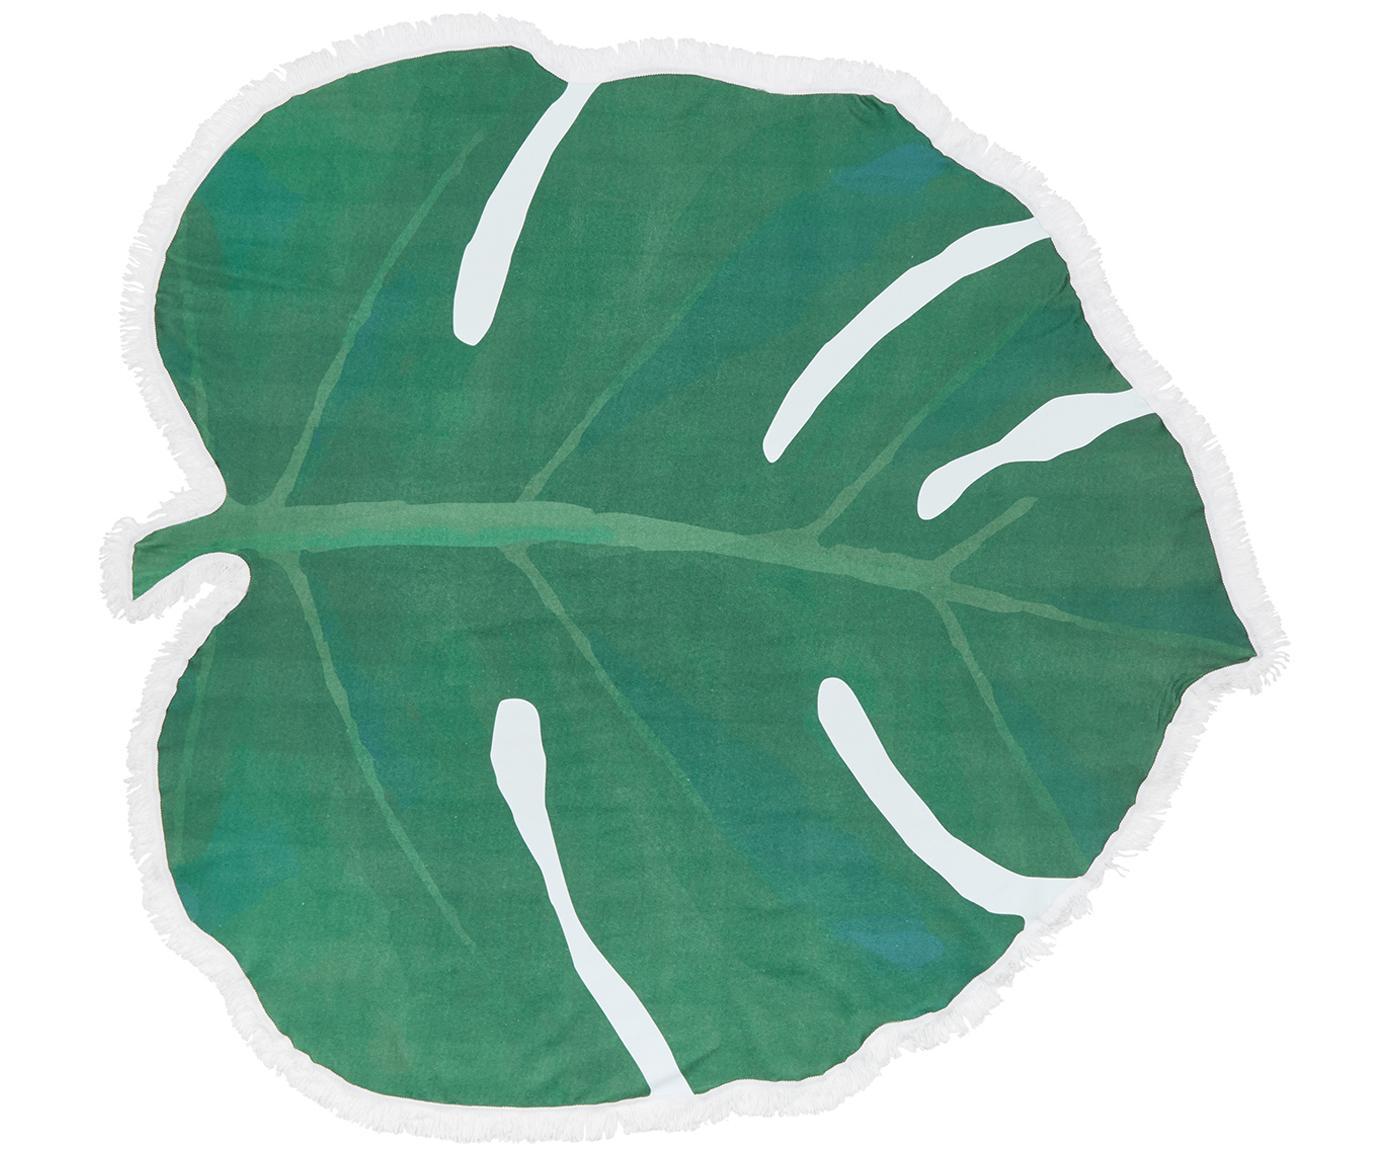 Strandtuch Leaves in Blattform, 55% Polyester, 45% Baumwolle Sehr leichte Qualität 340 g/m², Grün, Weiß, 139 x 150 cm